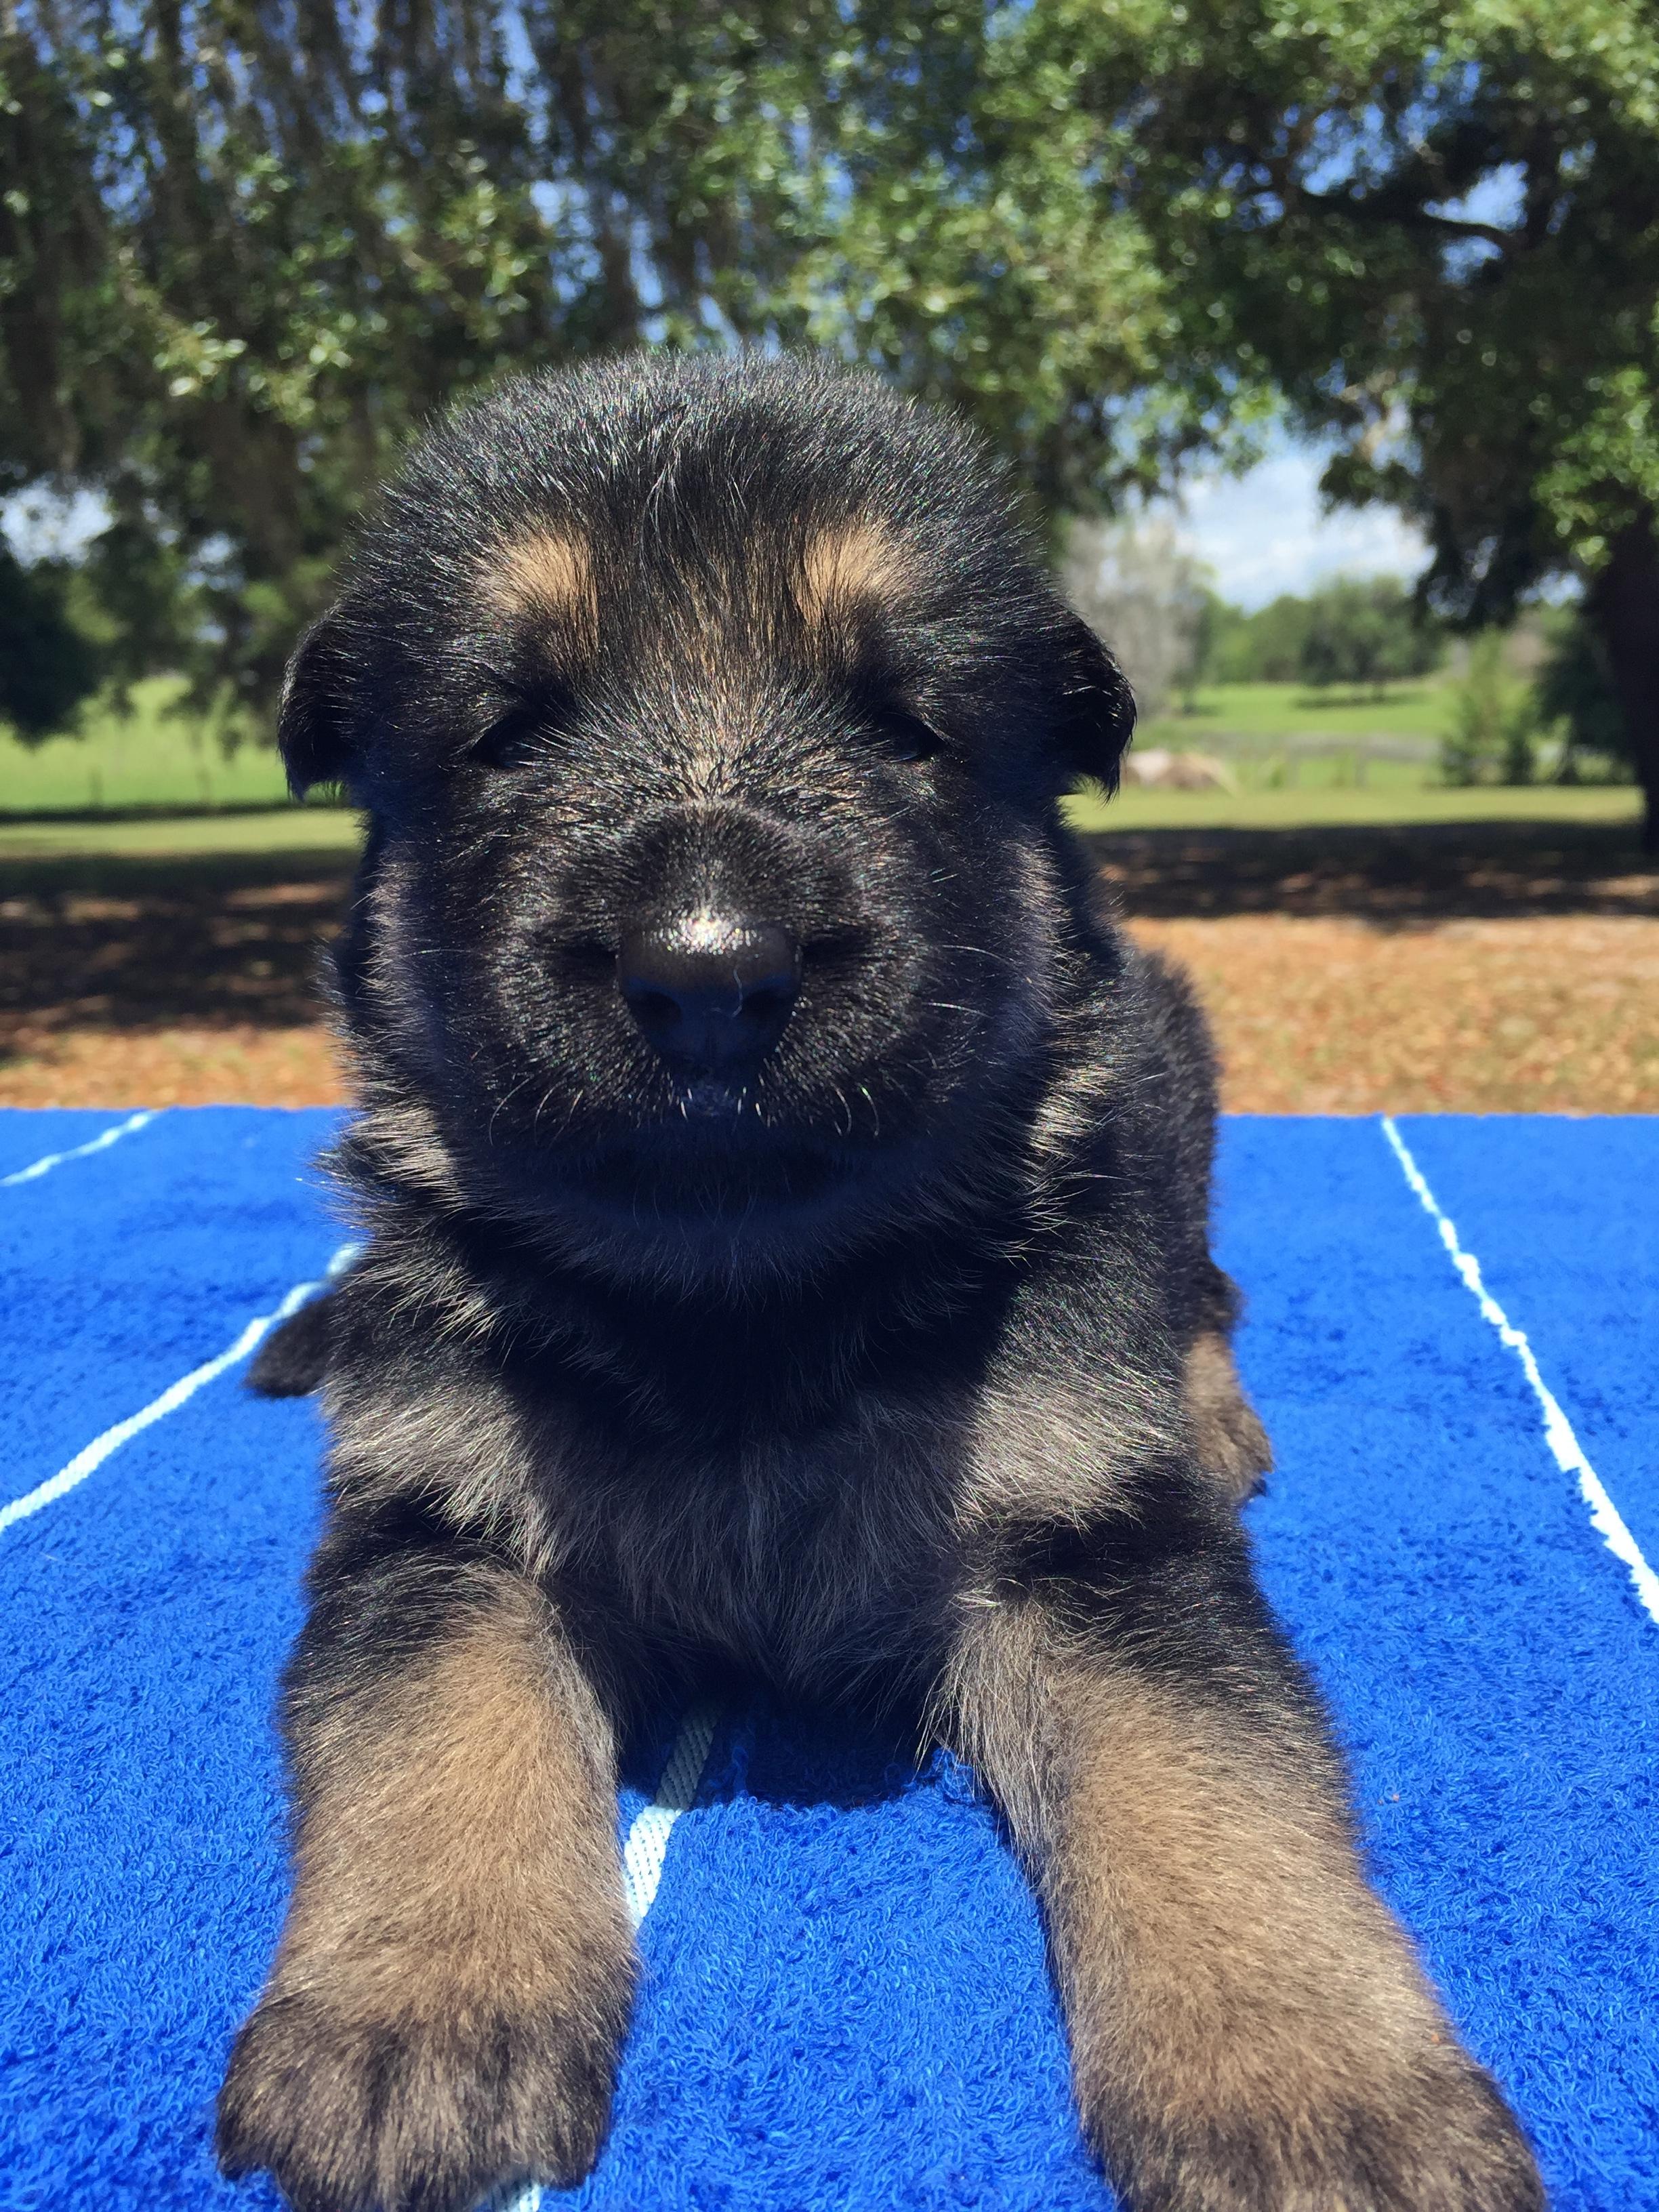 Sweet little puppy face